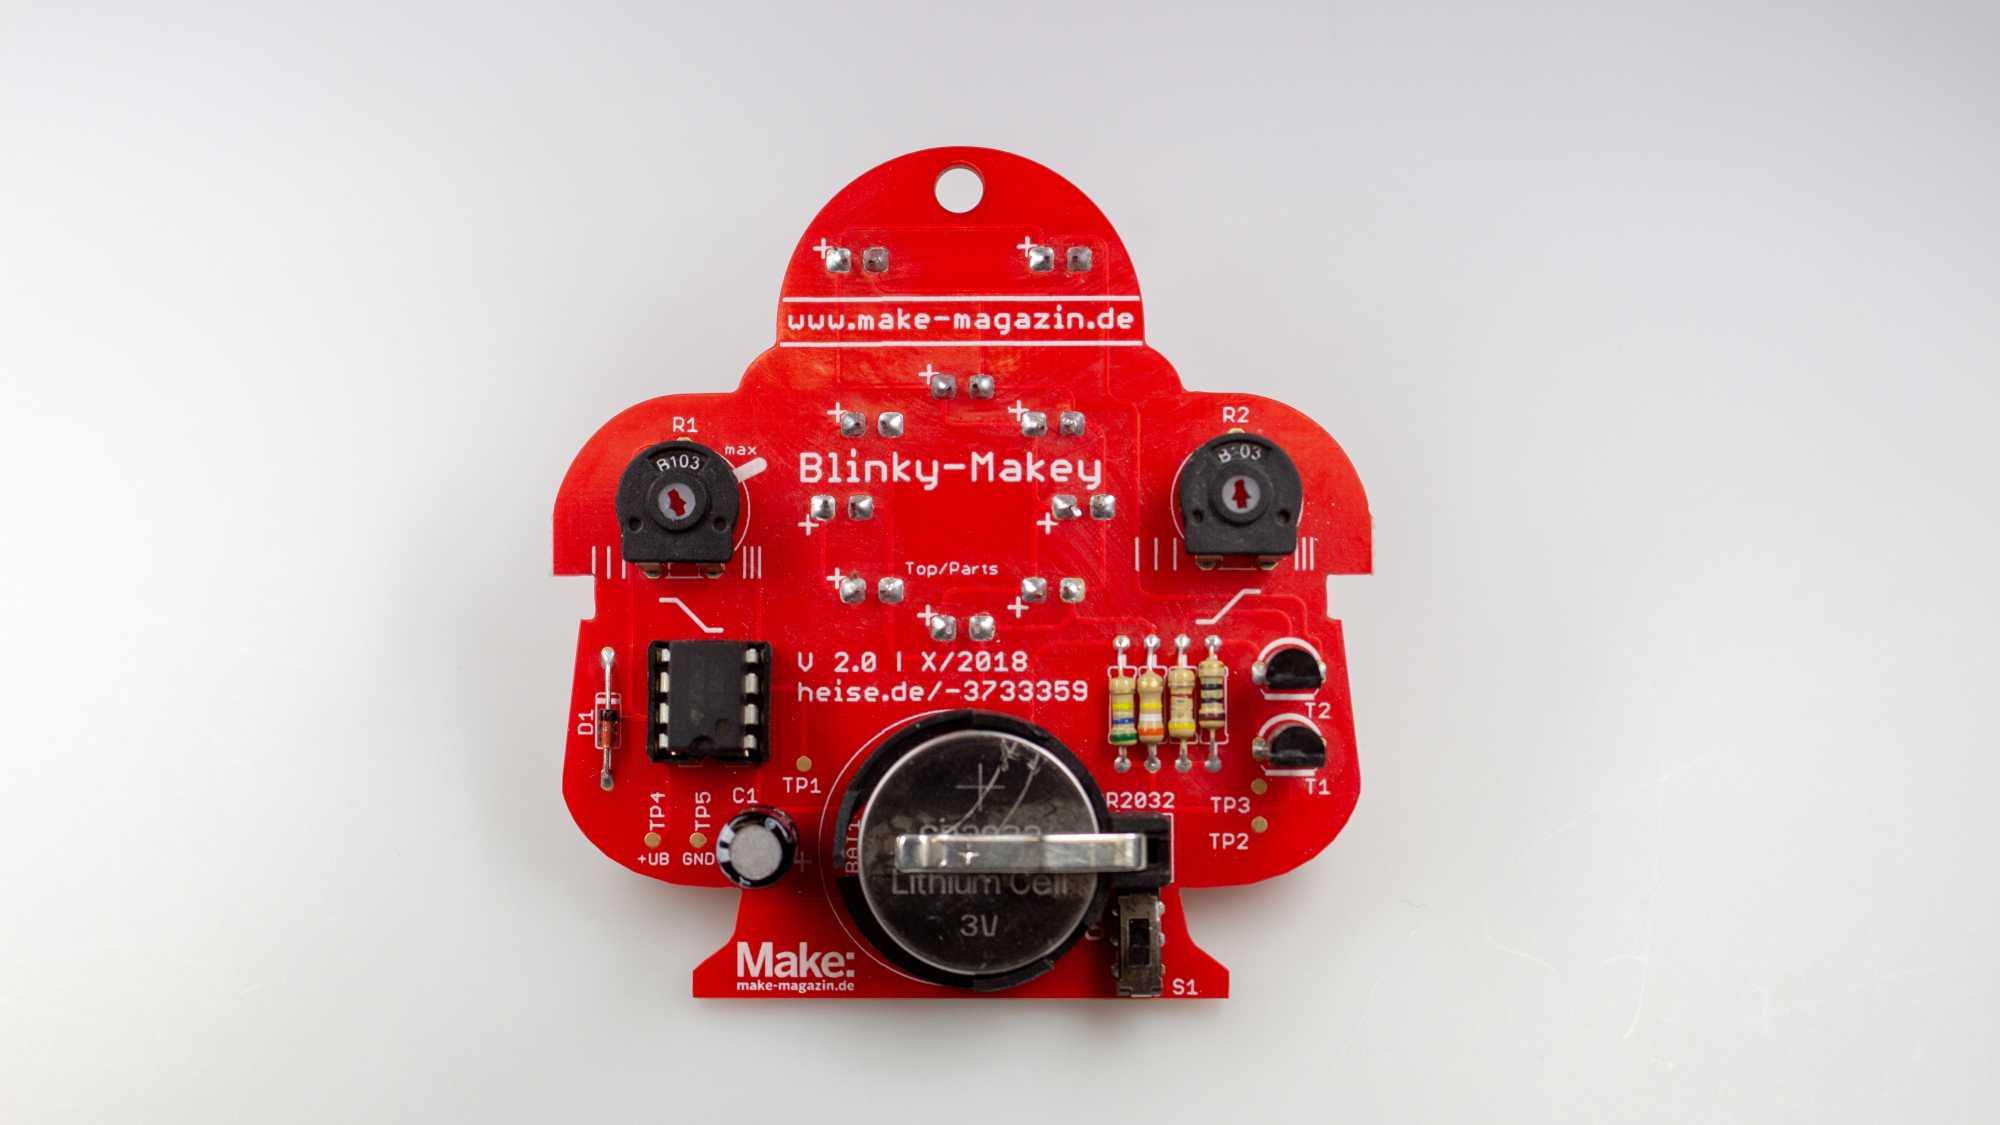 Rückseite des Makey in der Version 2.0: rote Platine in Form eines Roboters